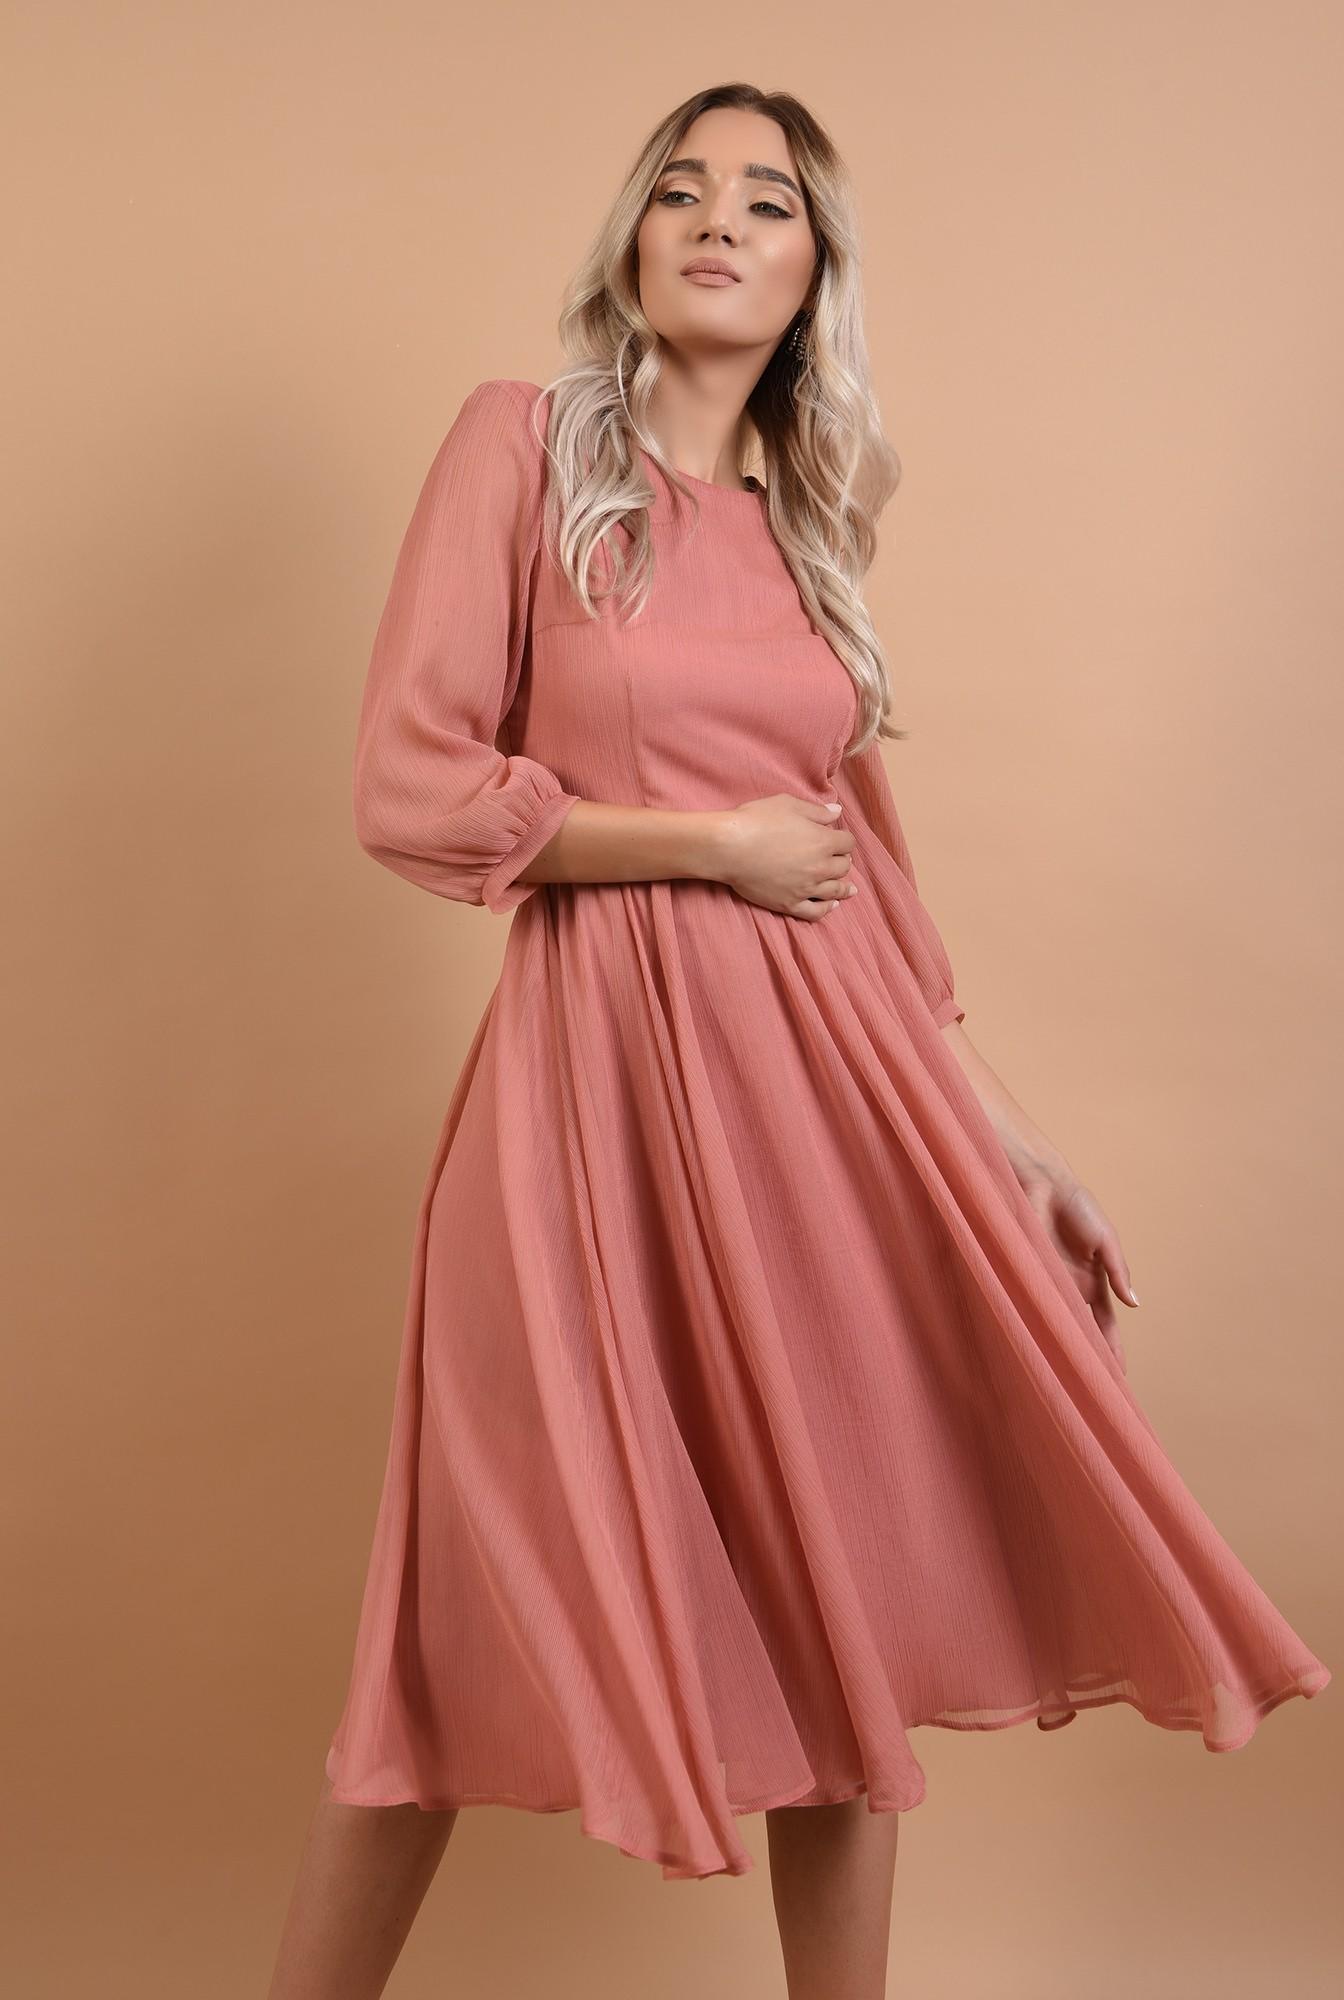 0 - rochie roz, de ocazie, midi, decolteu la baza gatului